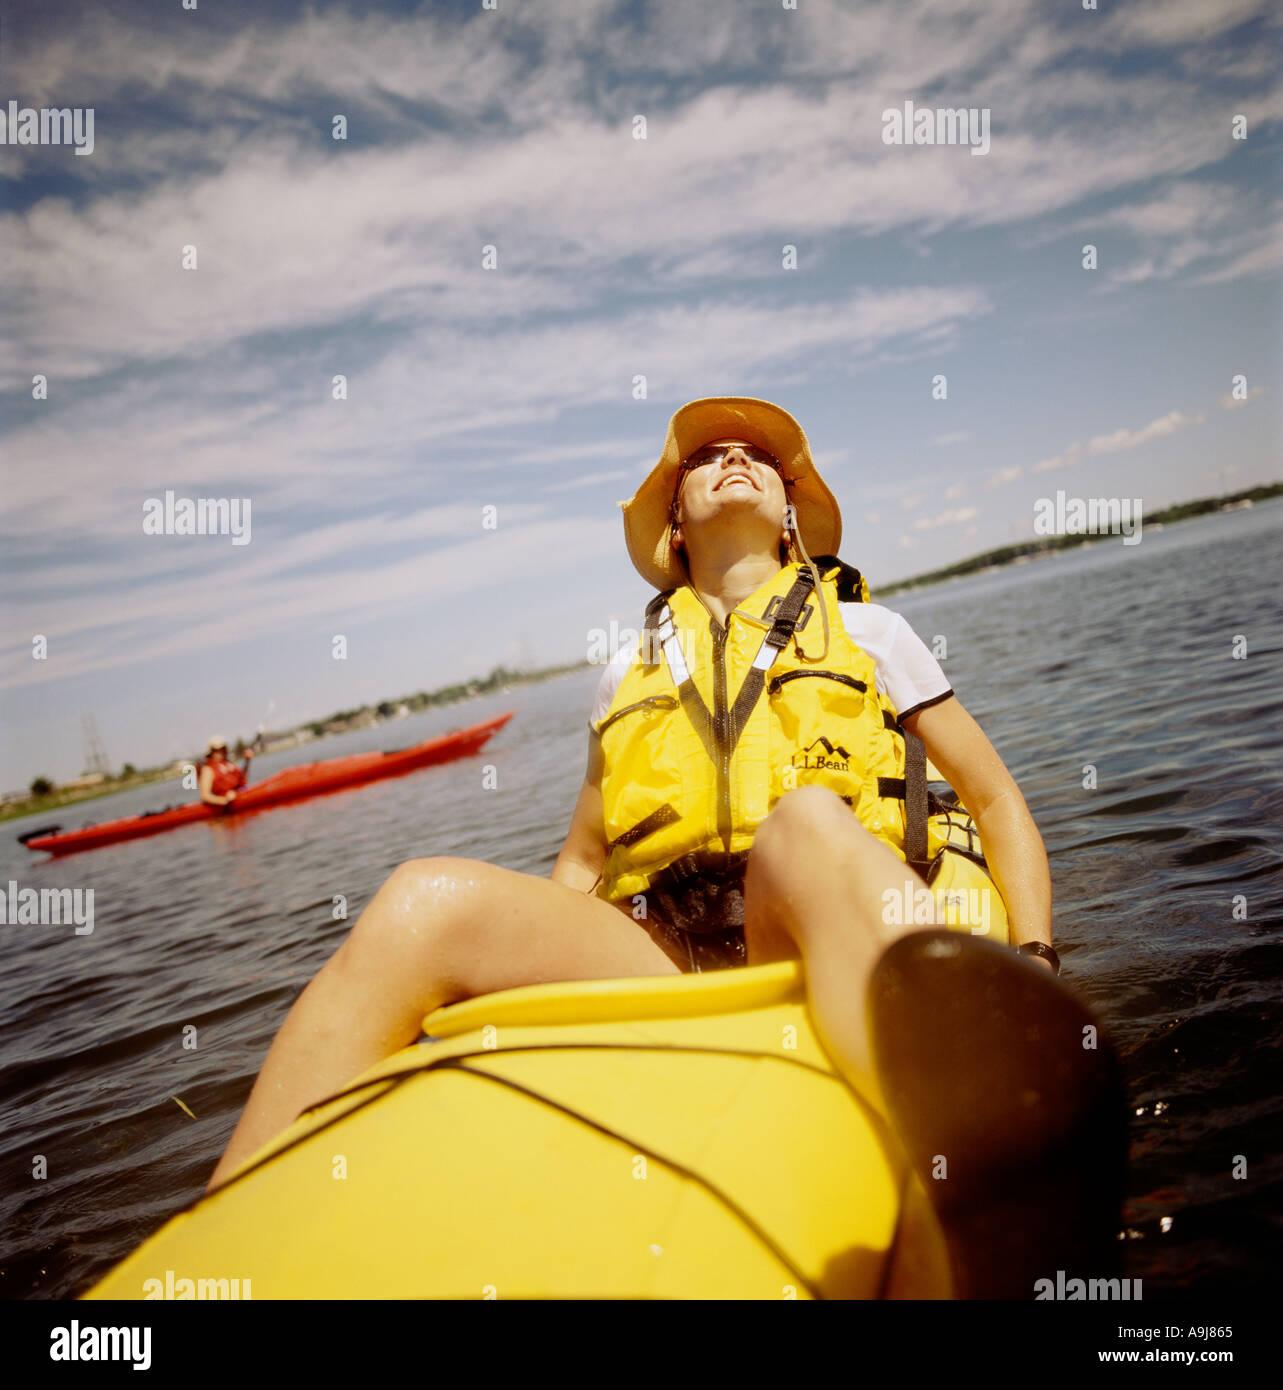 twenties something woman out kayaking - Stock Image